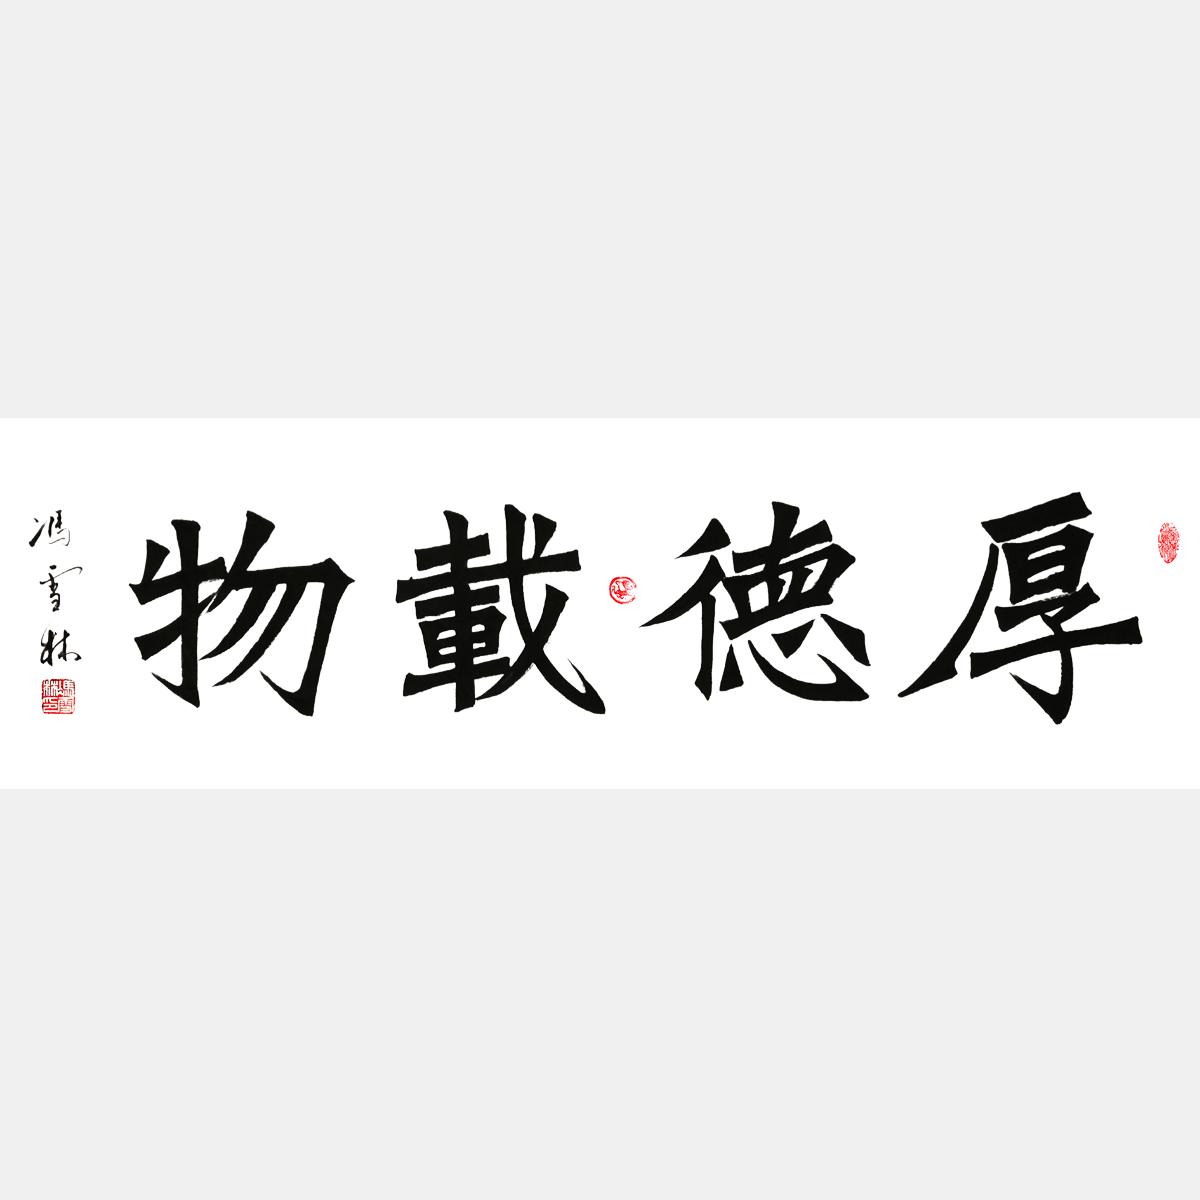 冯雪林书法字画 厚德载物 楷书 横幅四尺对开